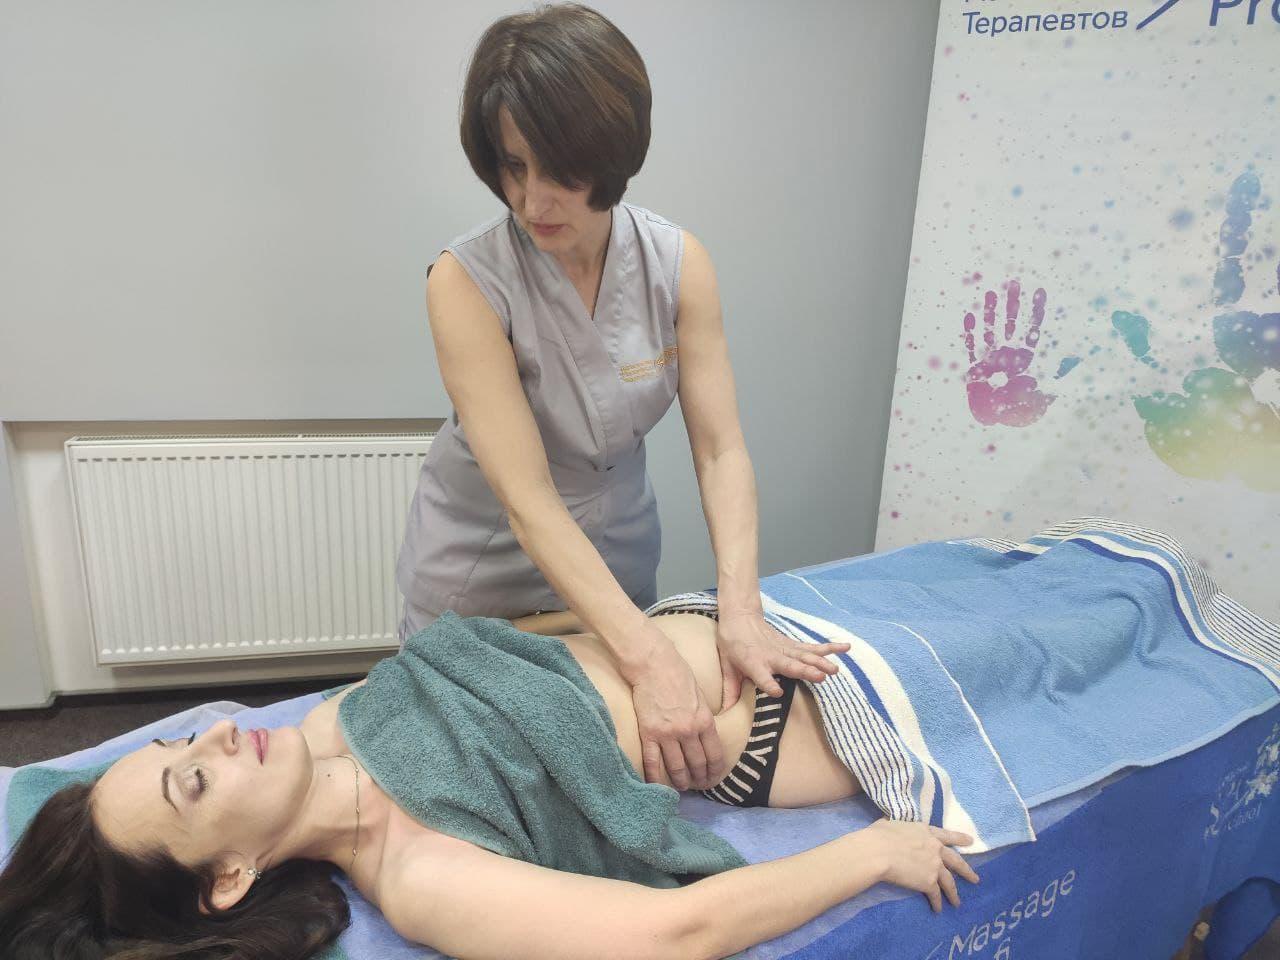 Глубокотканный массаж, моделирование тела - «Vereteno»